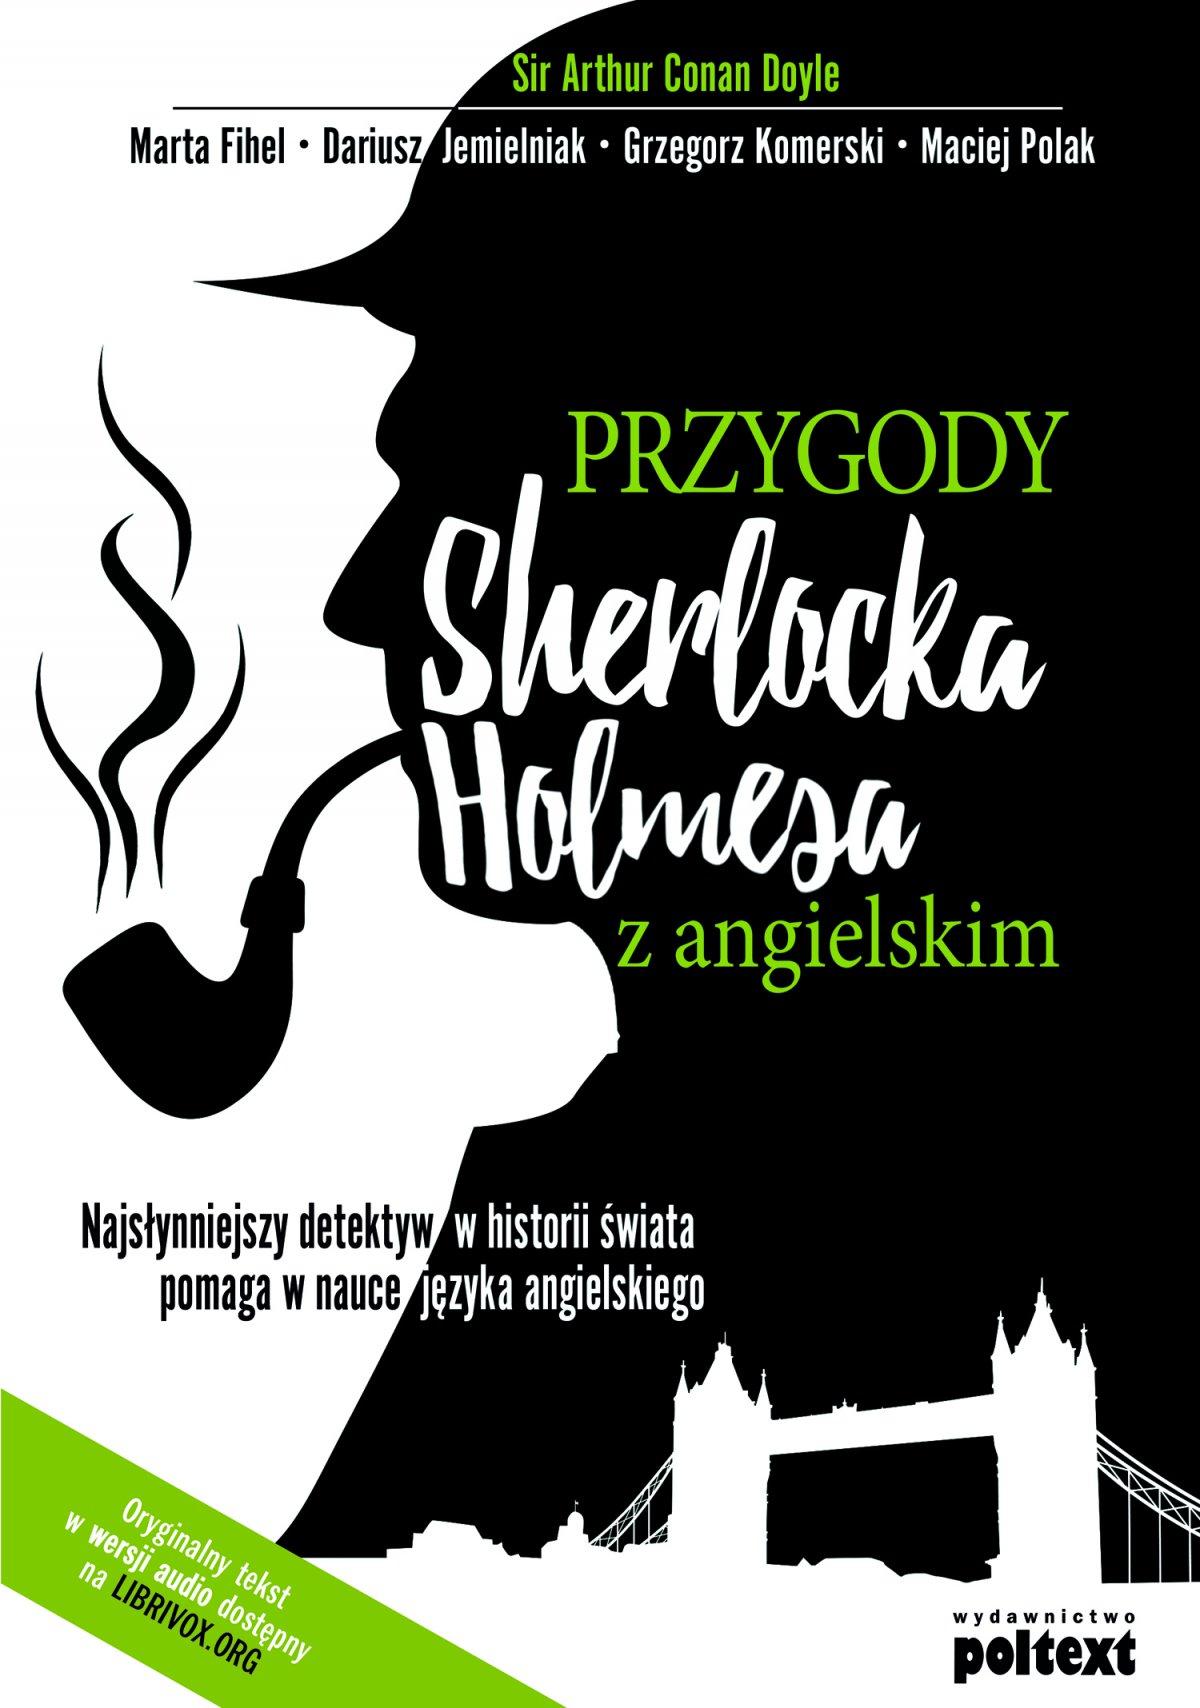 Przygody Sherlocka Holmesa z angielskim Najsłynniejszy detektyw w historii świata pomaga w nauce języka angielskiego - Ebook (Książka EPUB) do pobrania w formacie EPUB